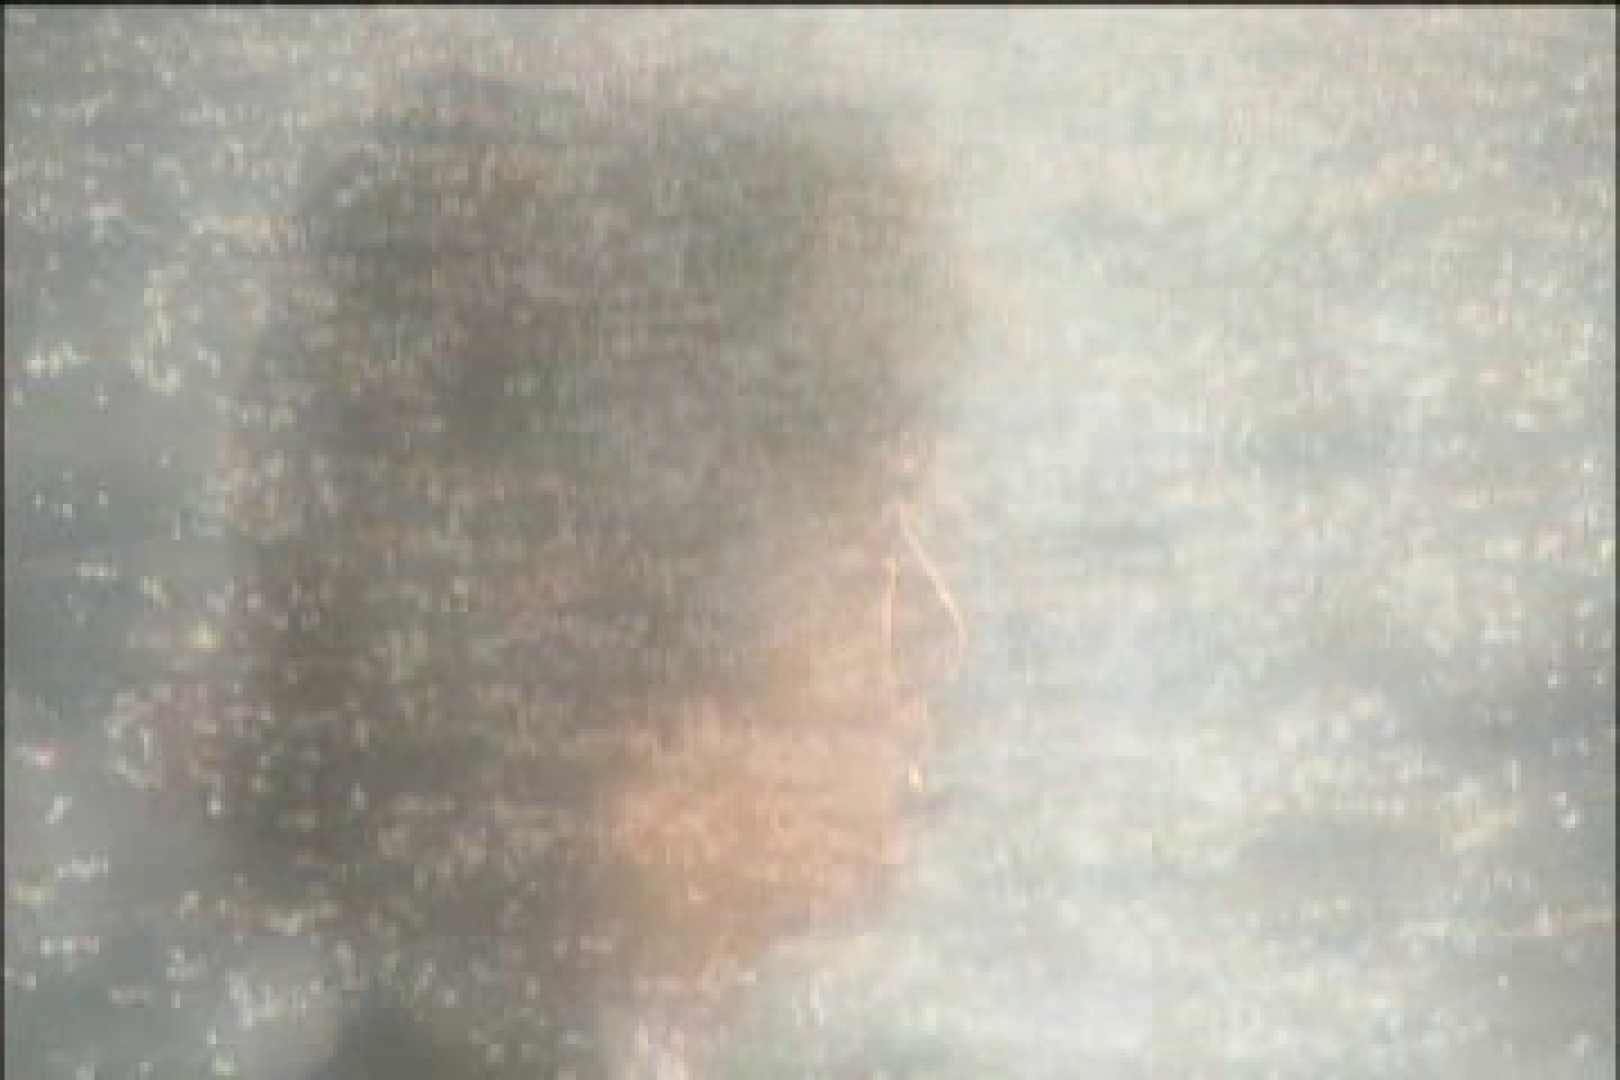 イケメン☆パラダイス〜男ざかりの君たちへ〜vol.40 玩具いろいろ ゲイセックス画像 116枚 19